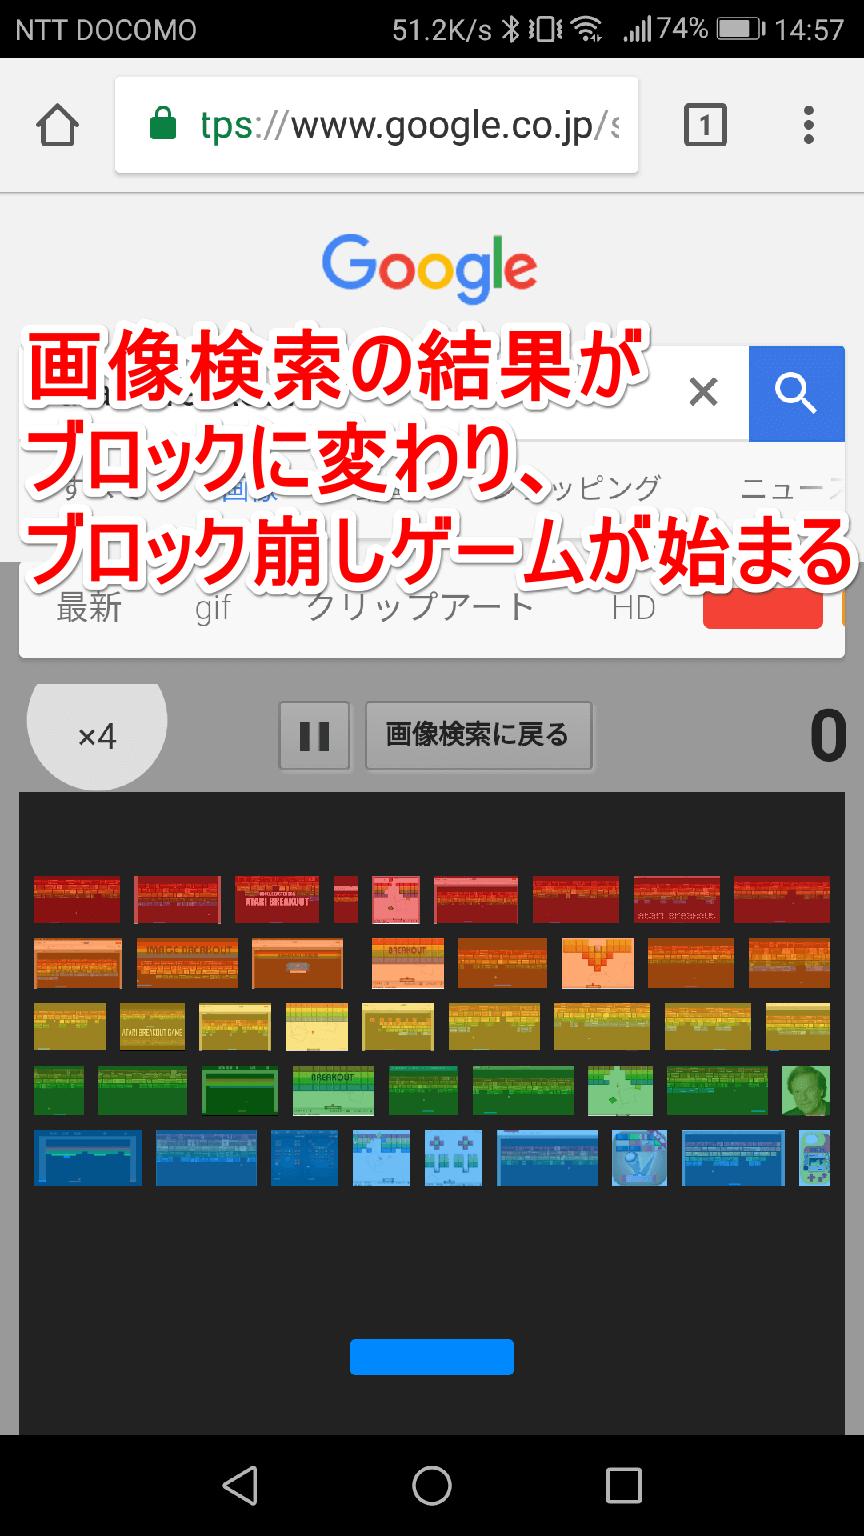 グーグルの画像検索結果画面がブロック崩しゲームに切り替わったところ